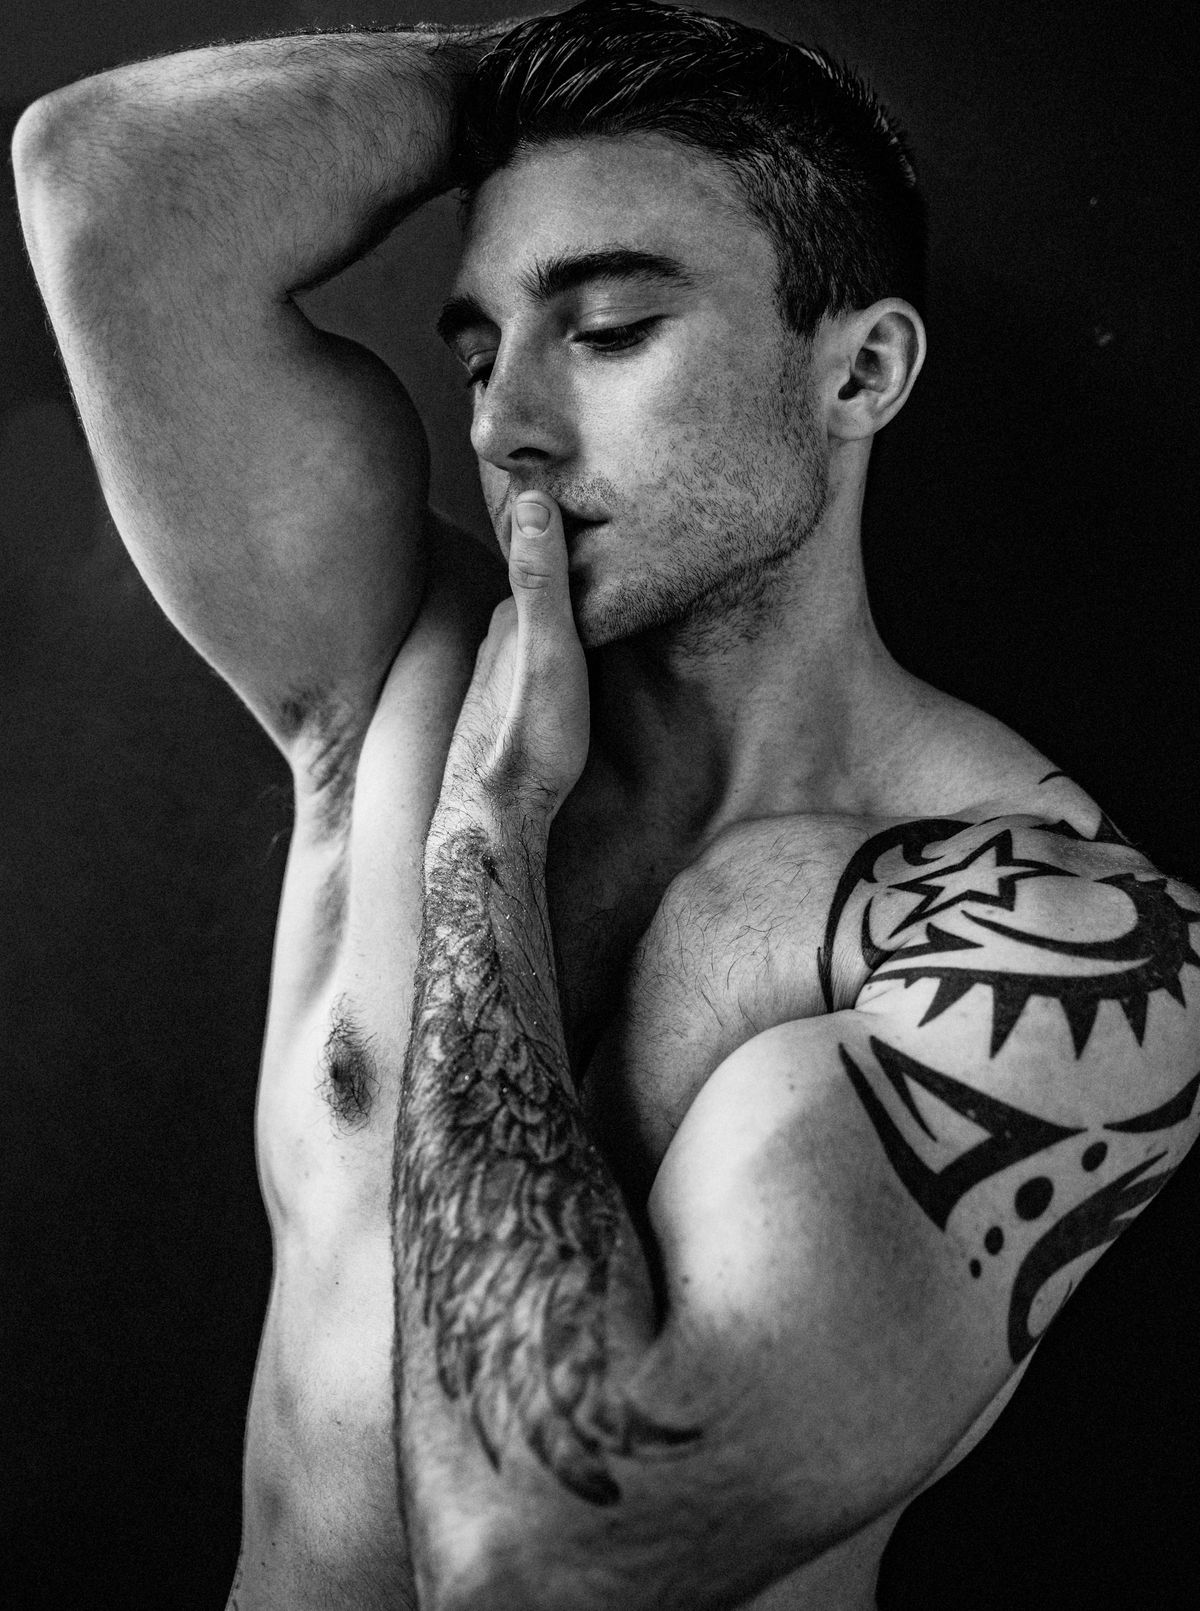 Model Garett Nolan